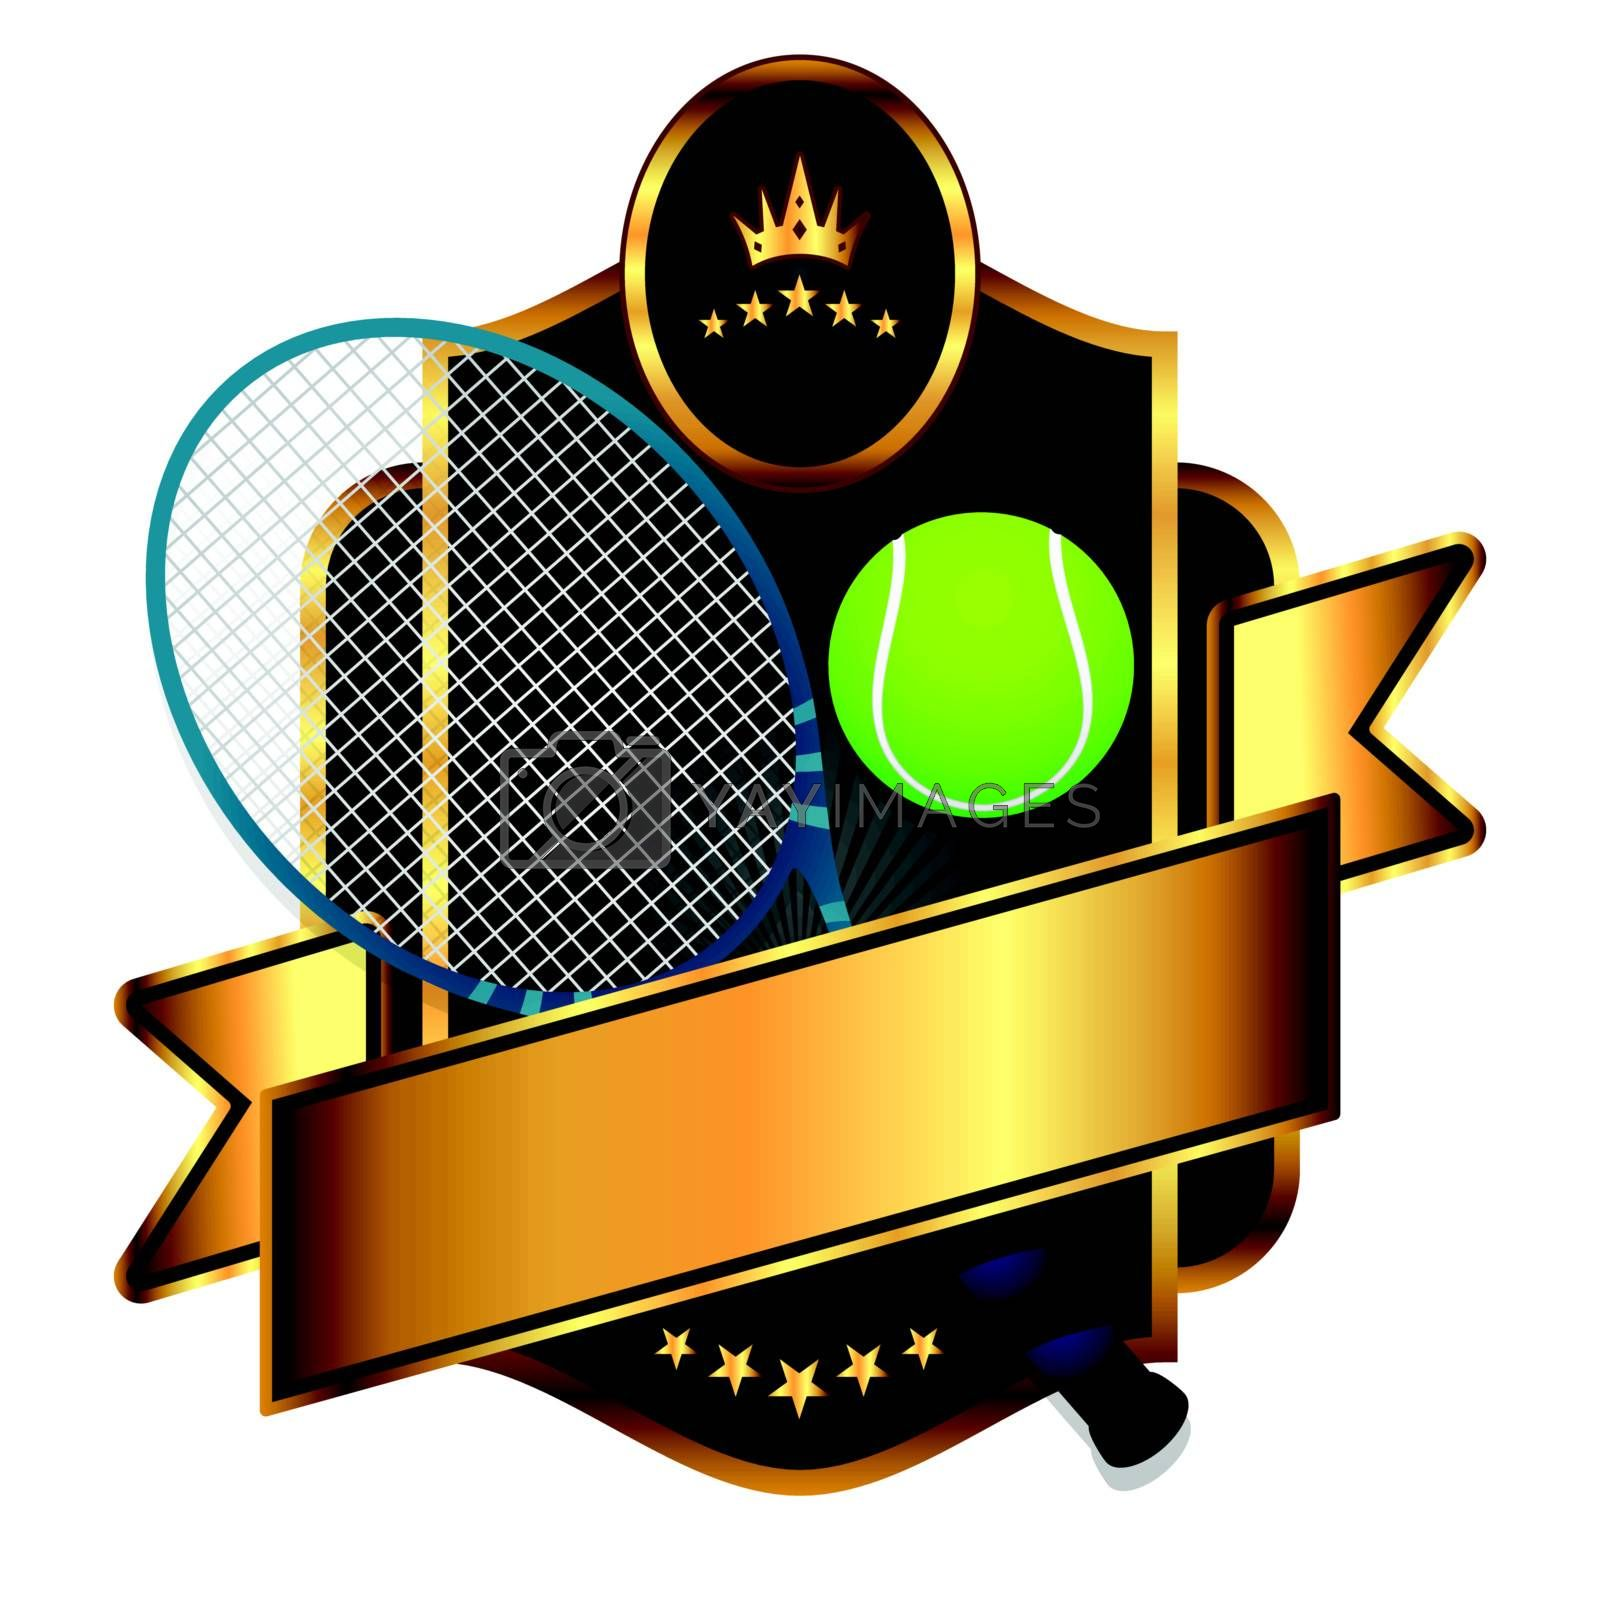 Emblem of sport tennis emblem